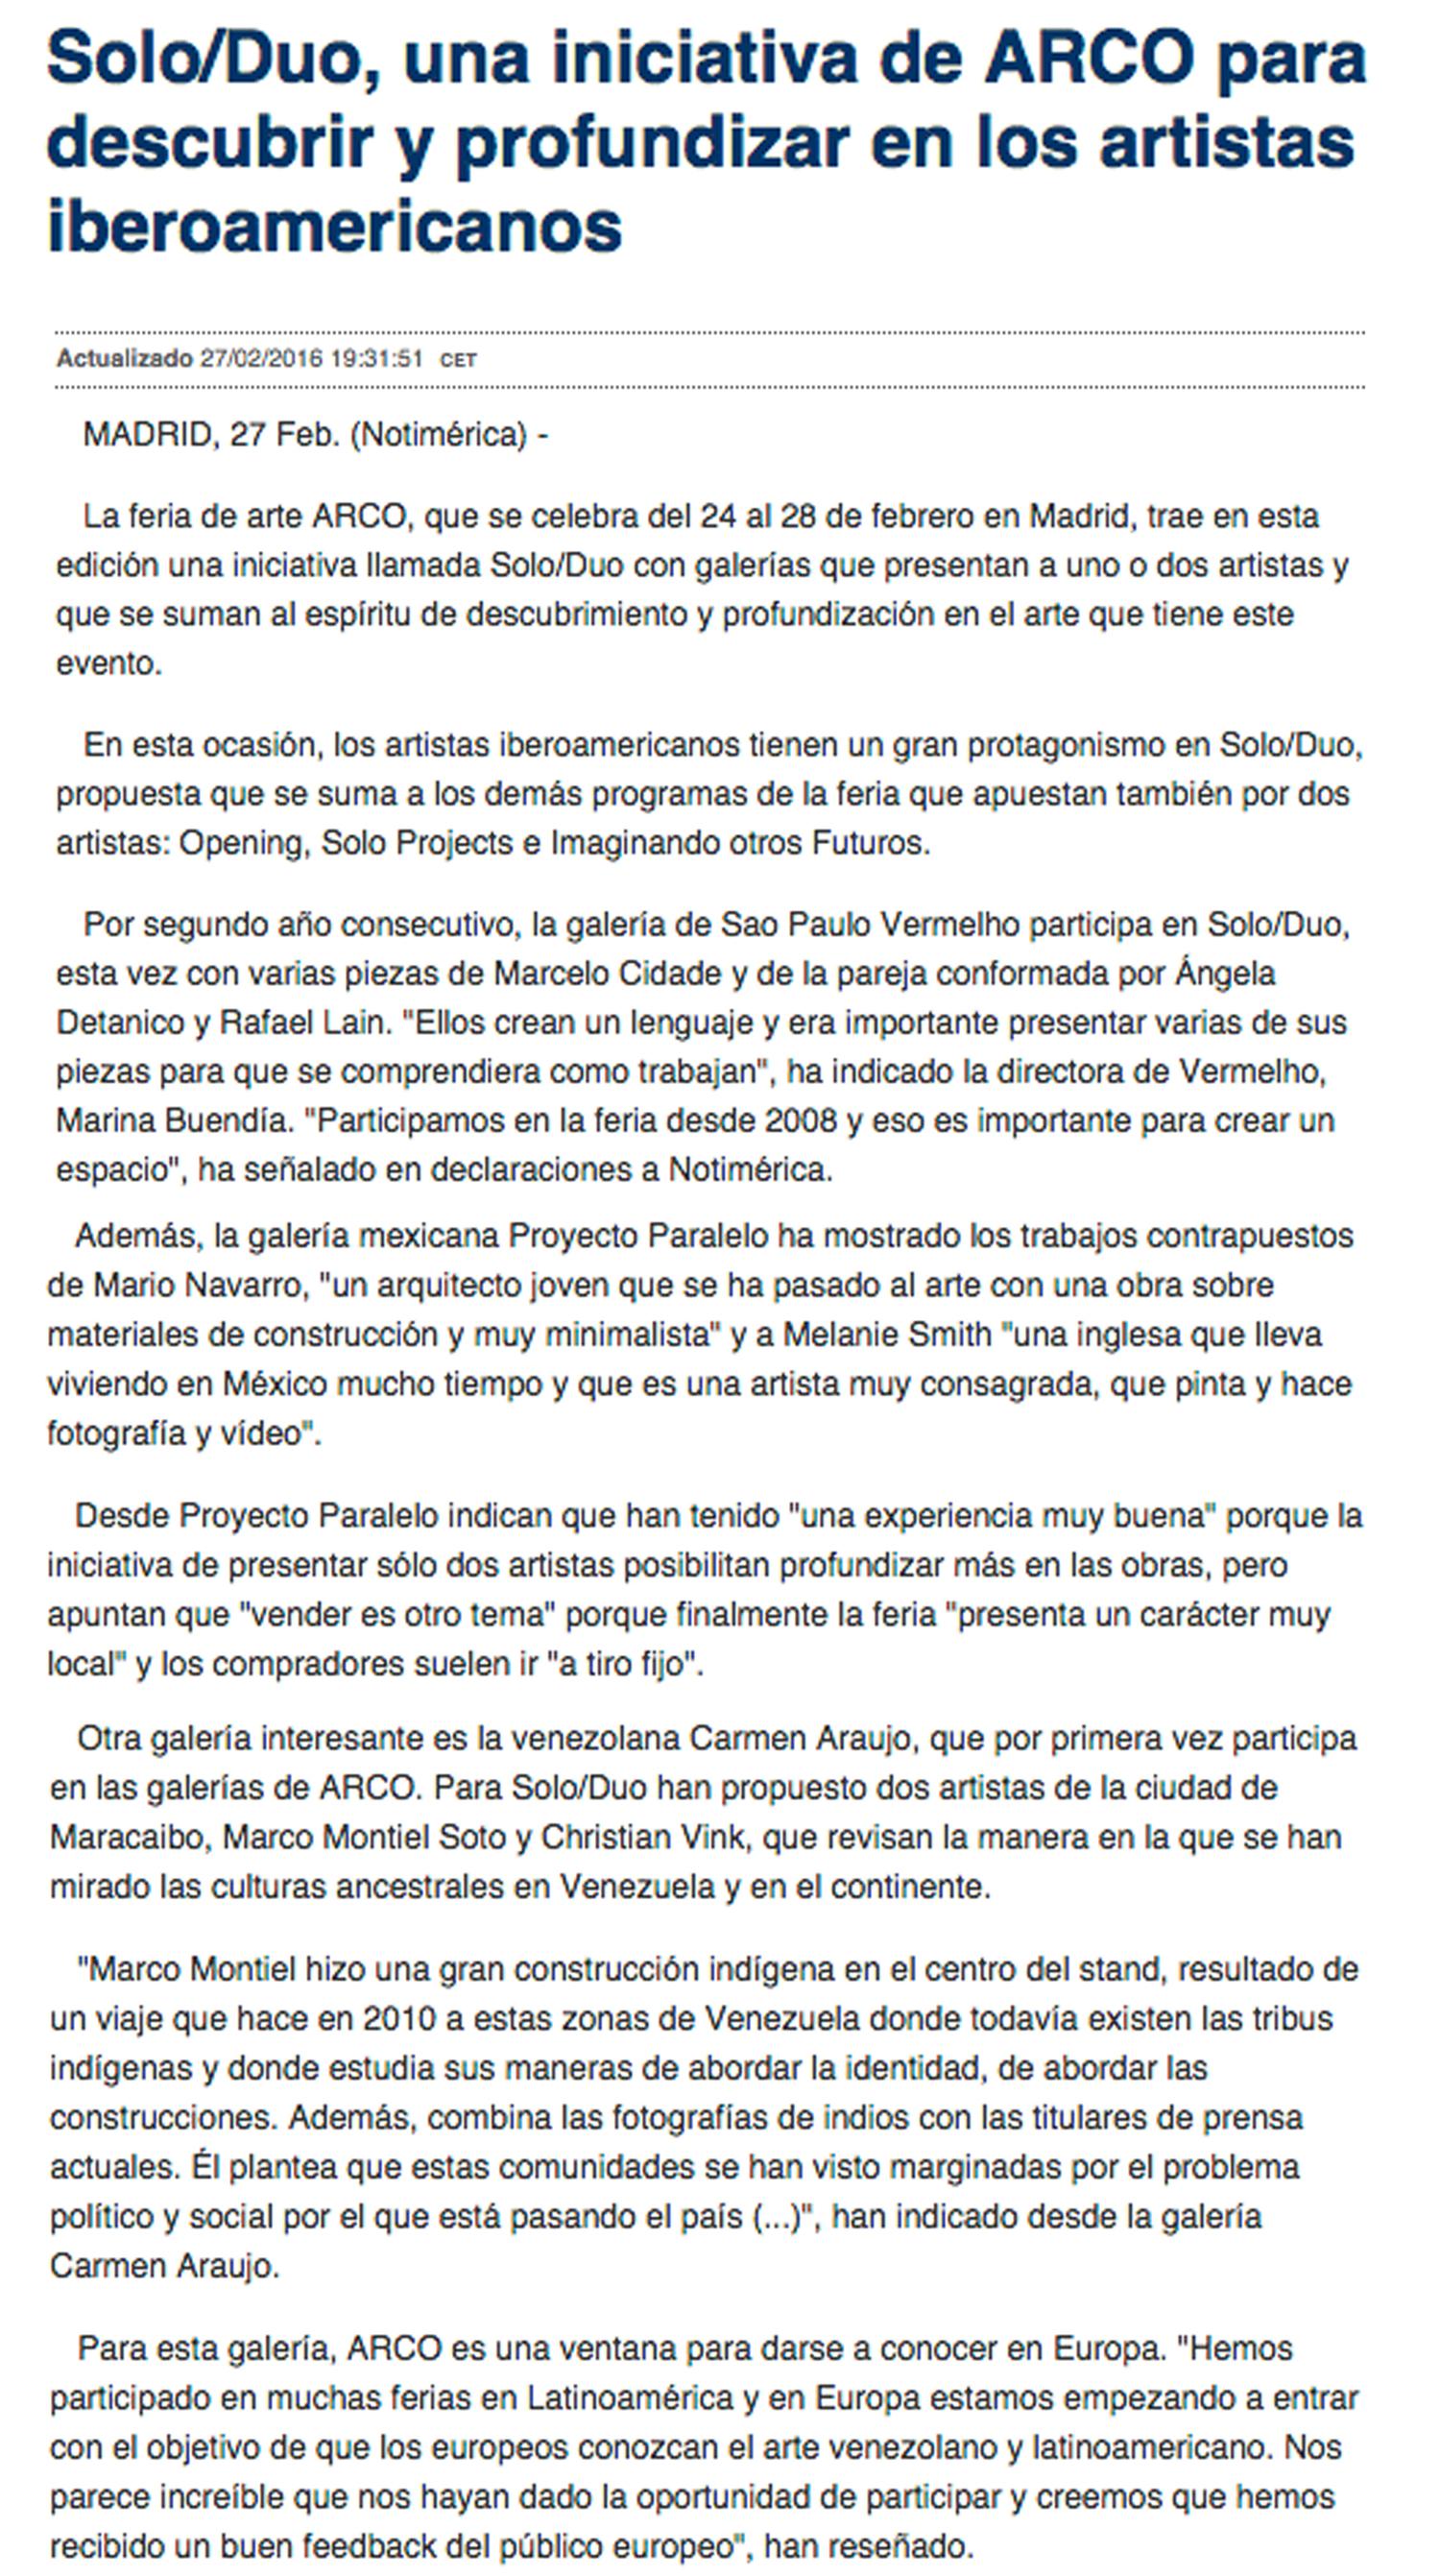 2016. Notimérica - SoloDuo, una iniciativa de ARCO para descubrir y profundizar en los artistas iberoamericanos 2